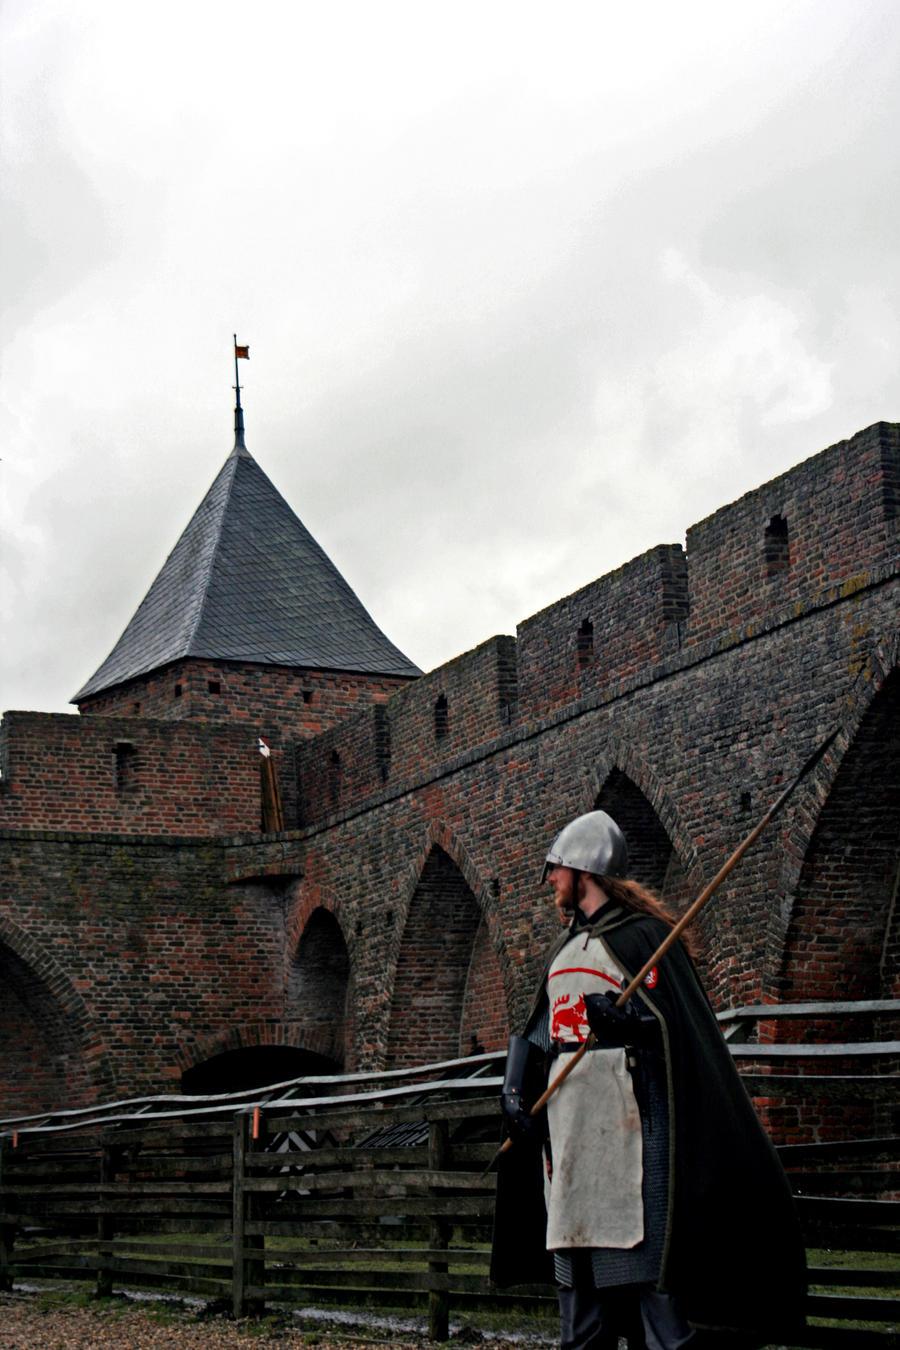 Doornenburg guardian 2 by Dewfooter